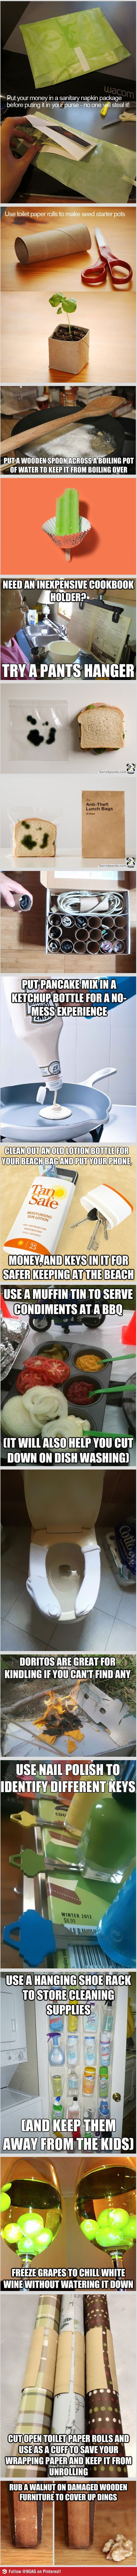 Pretty nifty ideas!